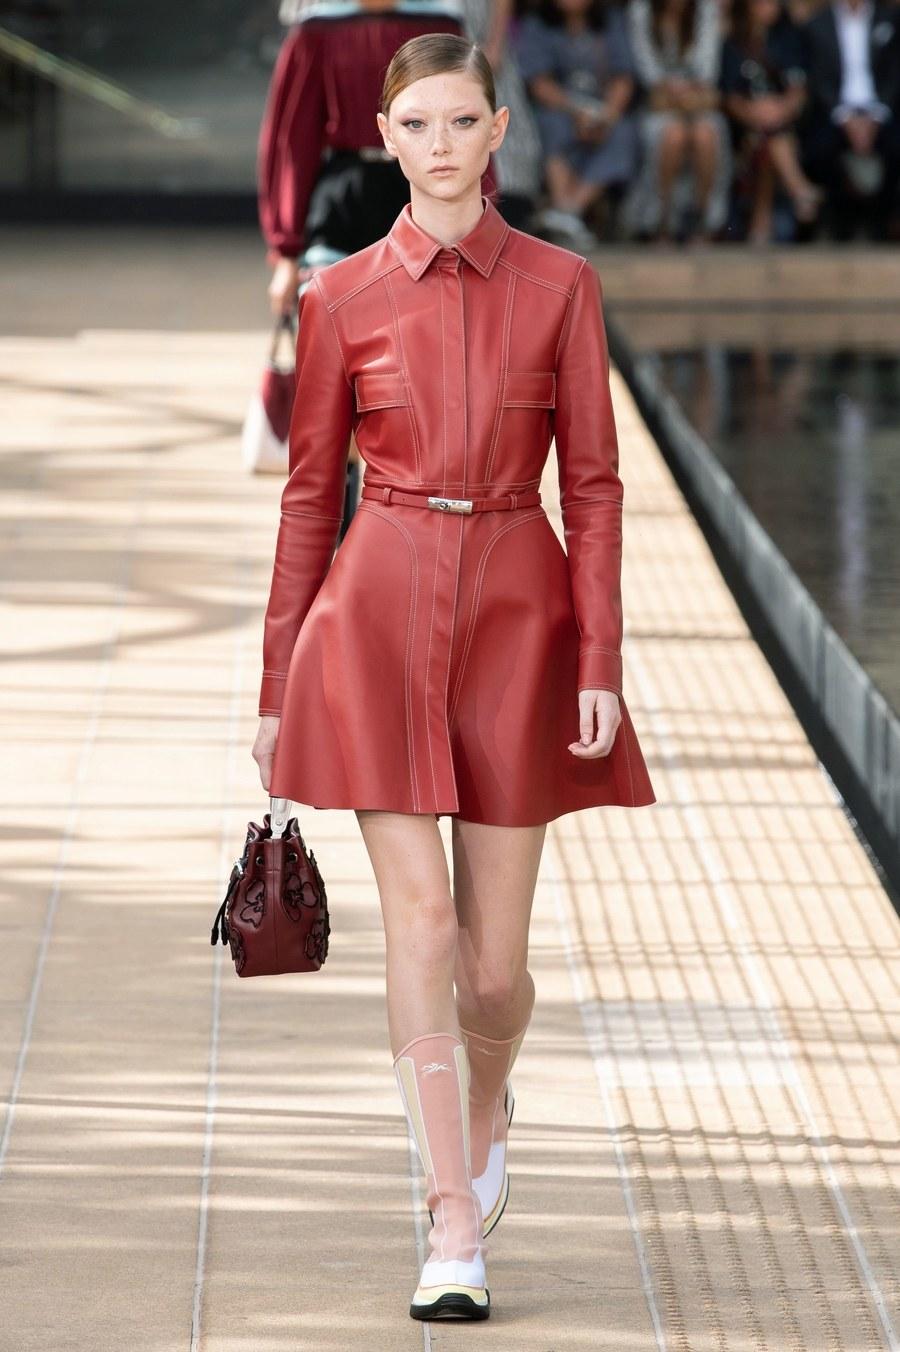 عرض أزياء Longchamp  بأسبوع الموضة بنيويورك (8)